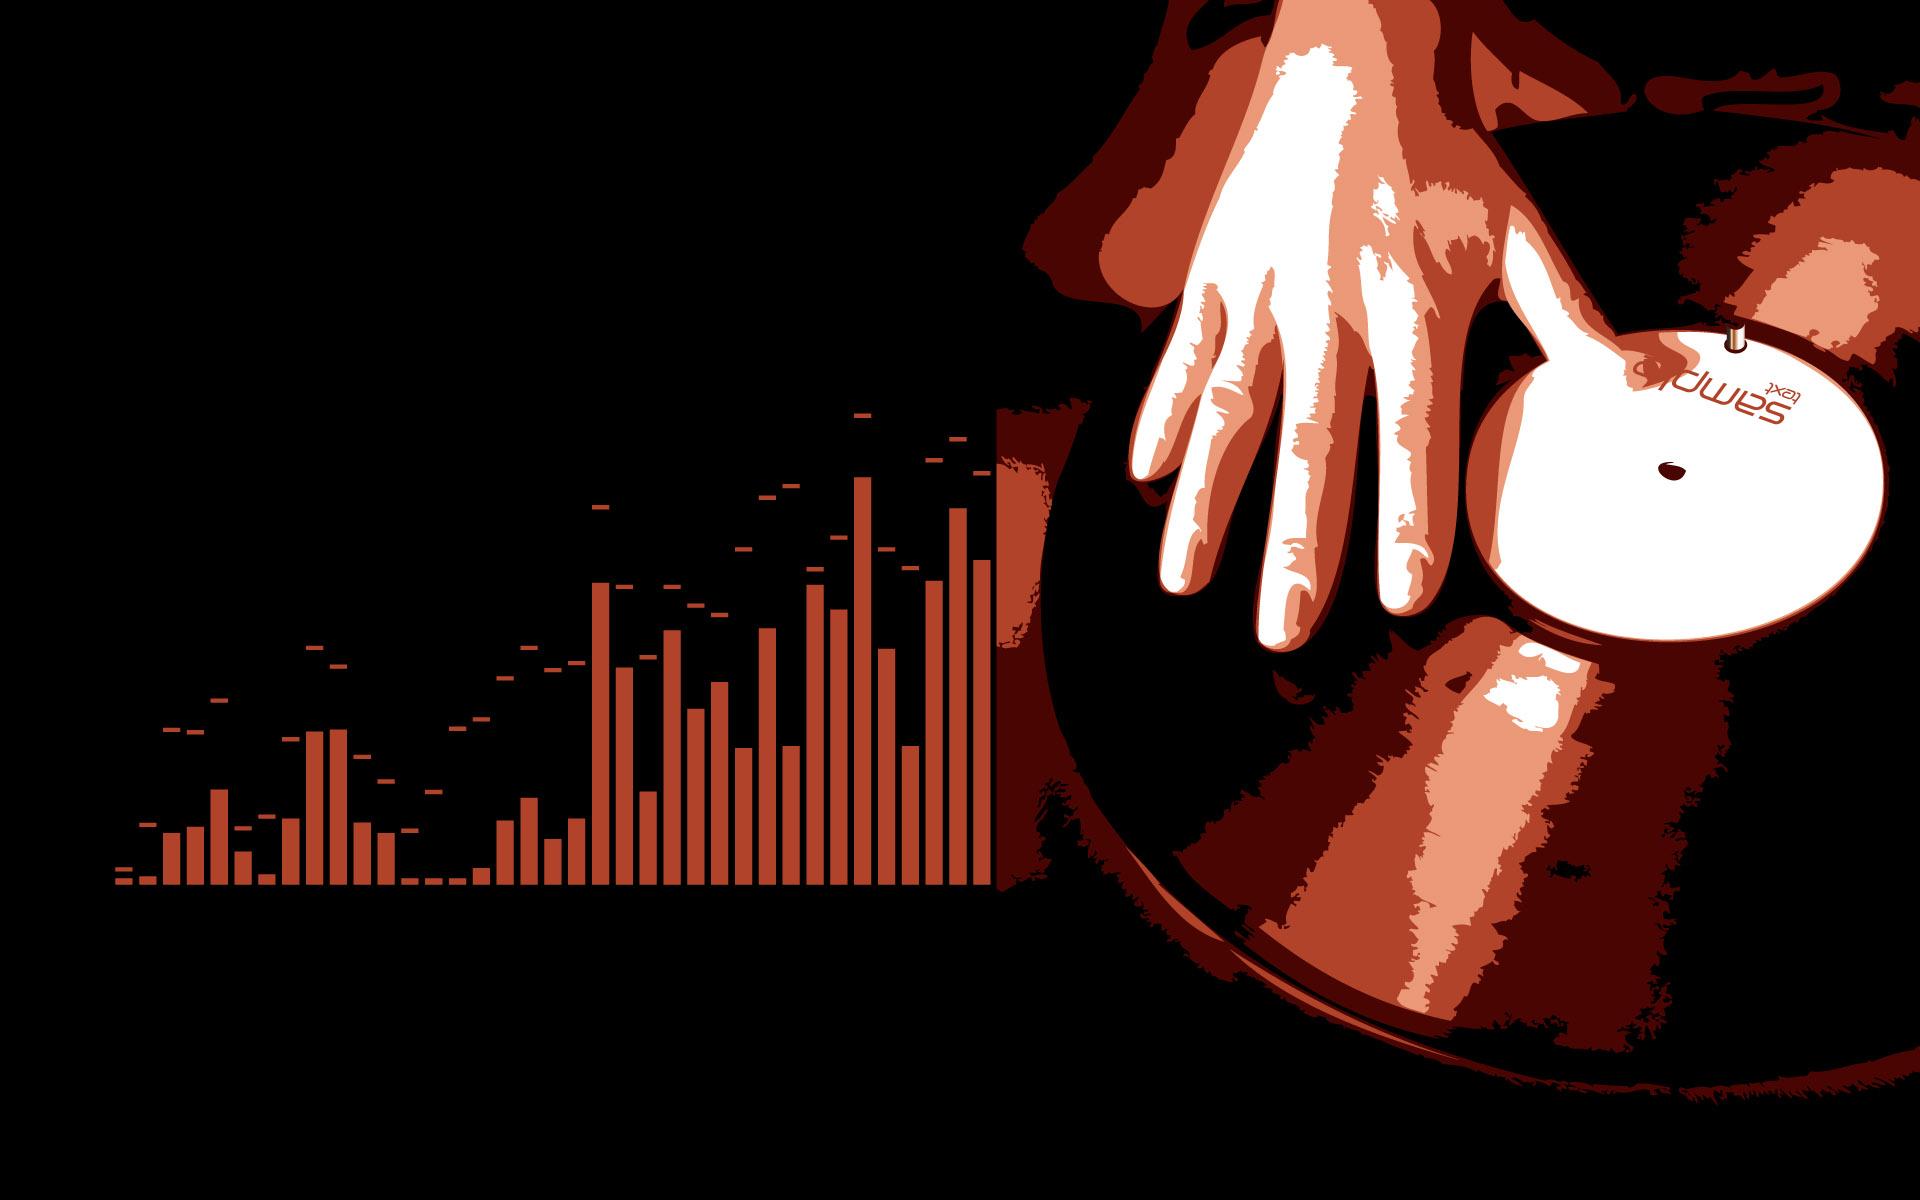 music wallpaper wallpapers 1920x1200 1920x1200